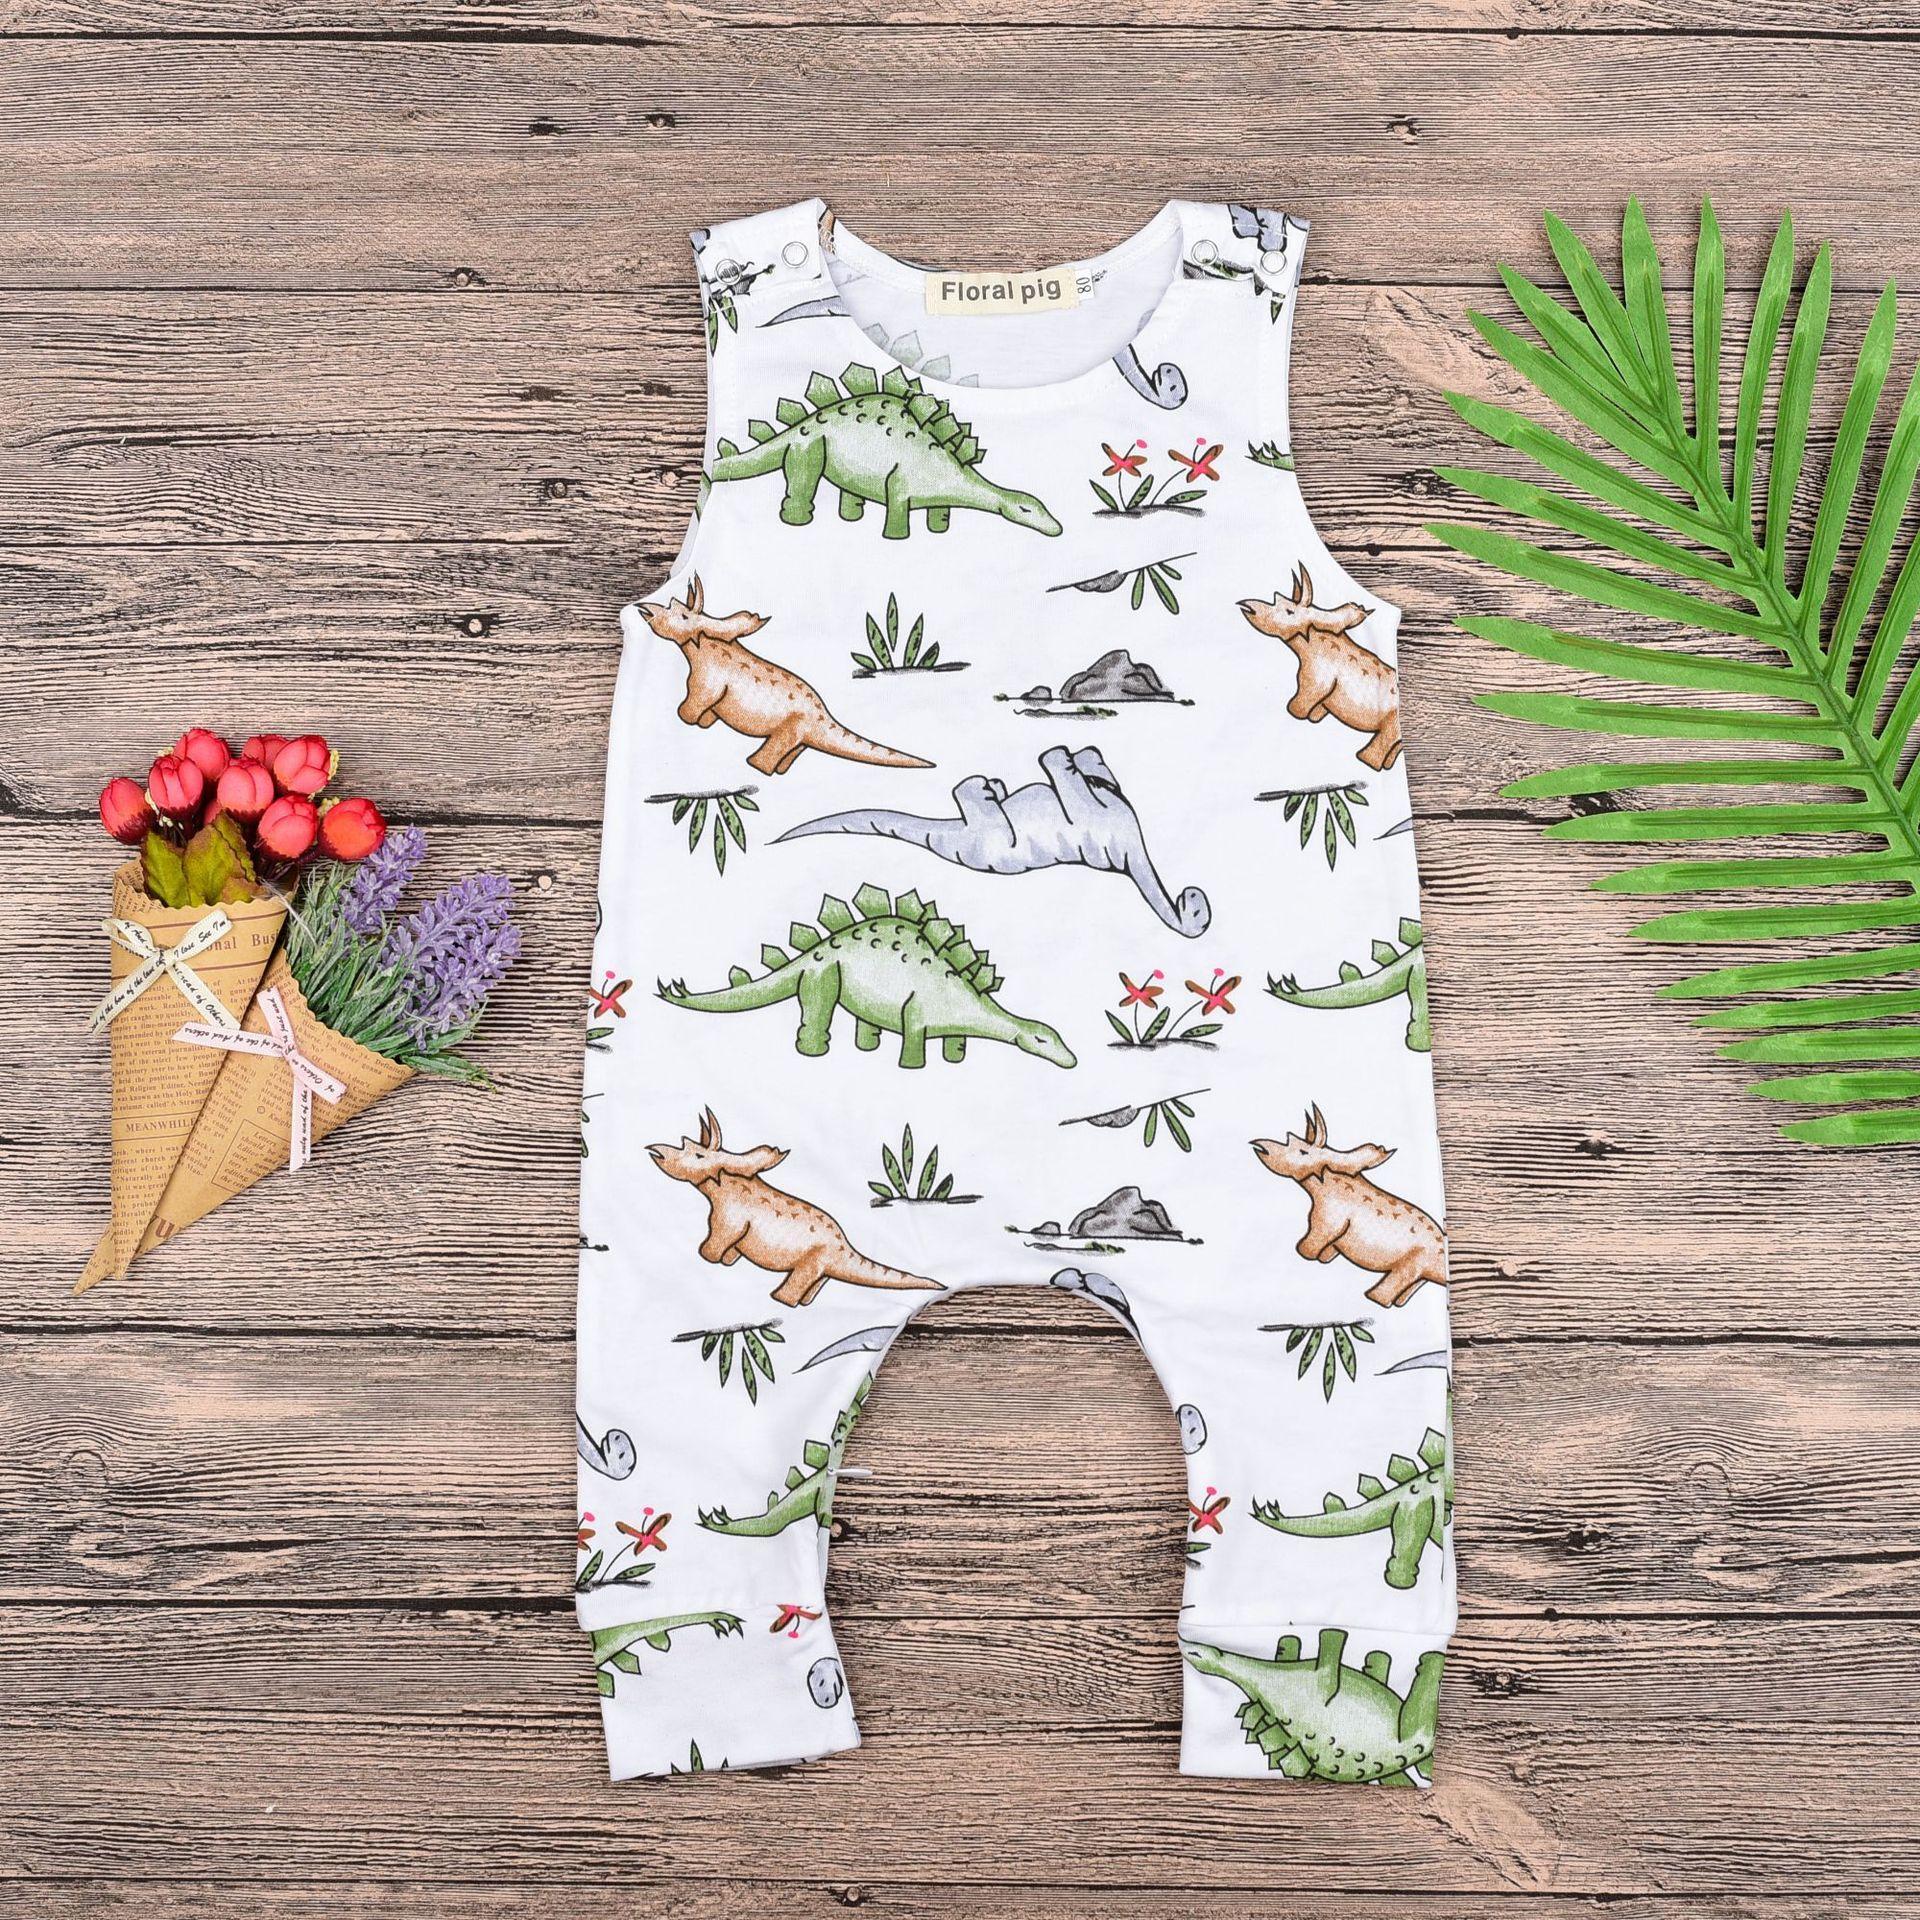 Everweekend Everweekend Sevimli Bebek Dinozor Baskı Tulum Güzel Çocuklar Beyaz Renk Batı Moda Toddler Bebek Yaz Pamuklu Giysiler